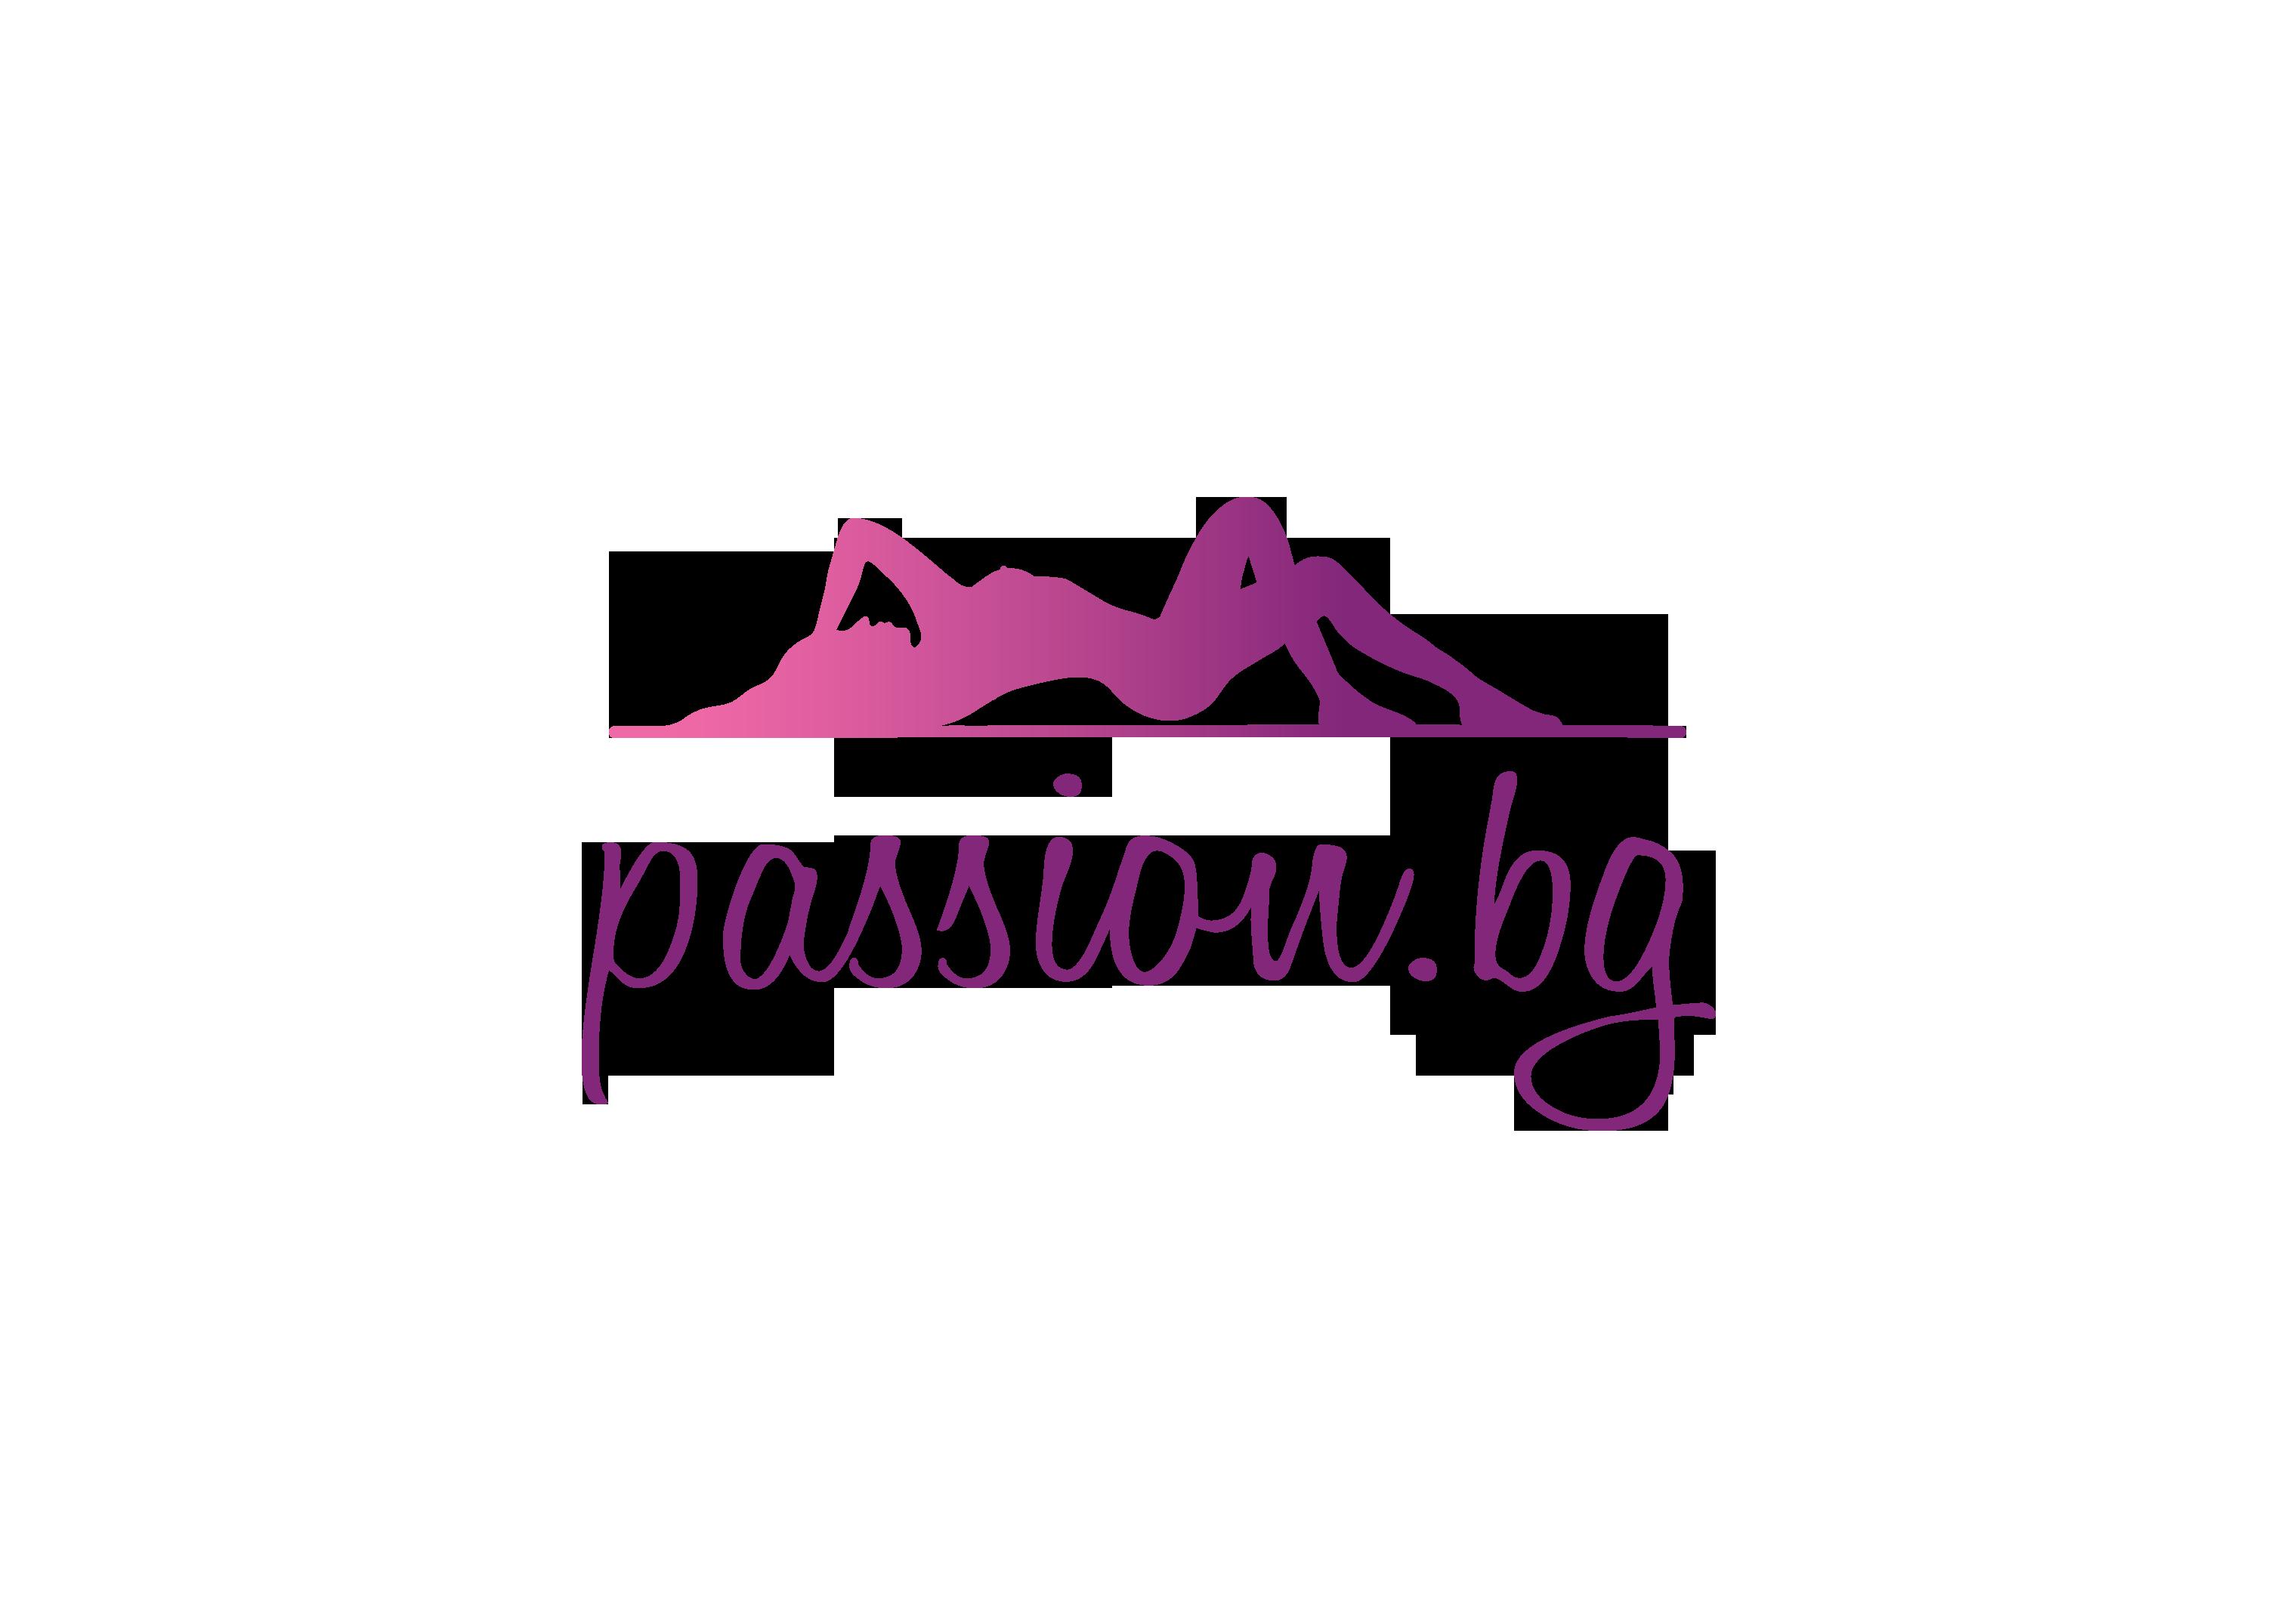 Passion.bg